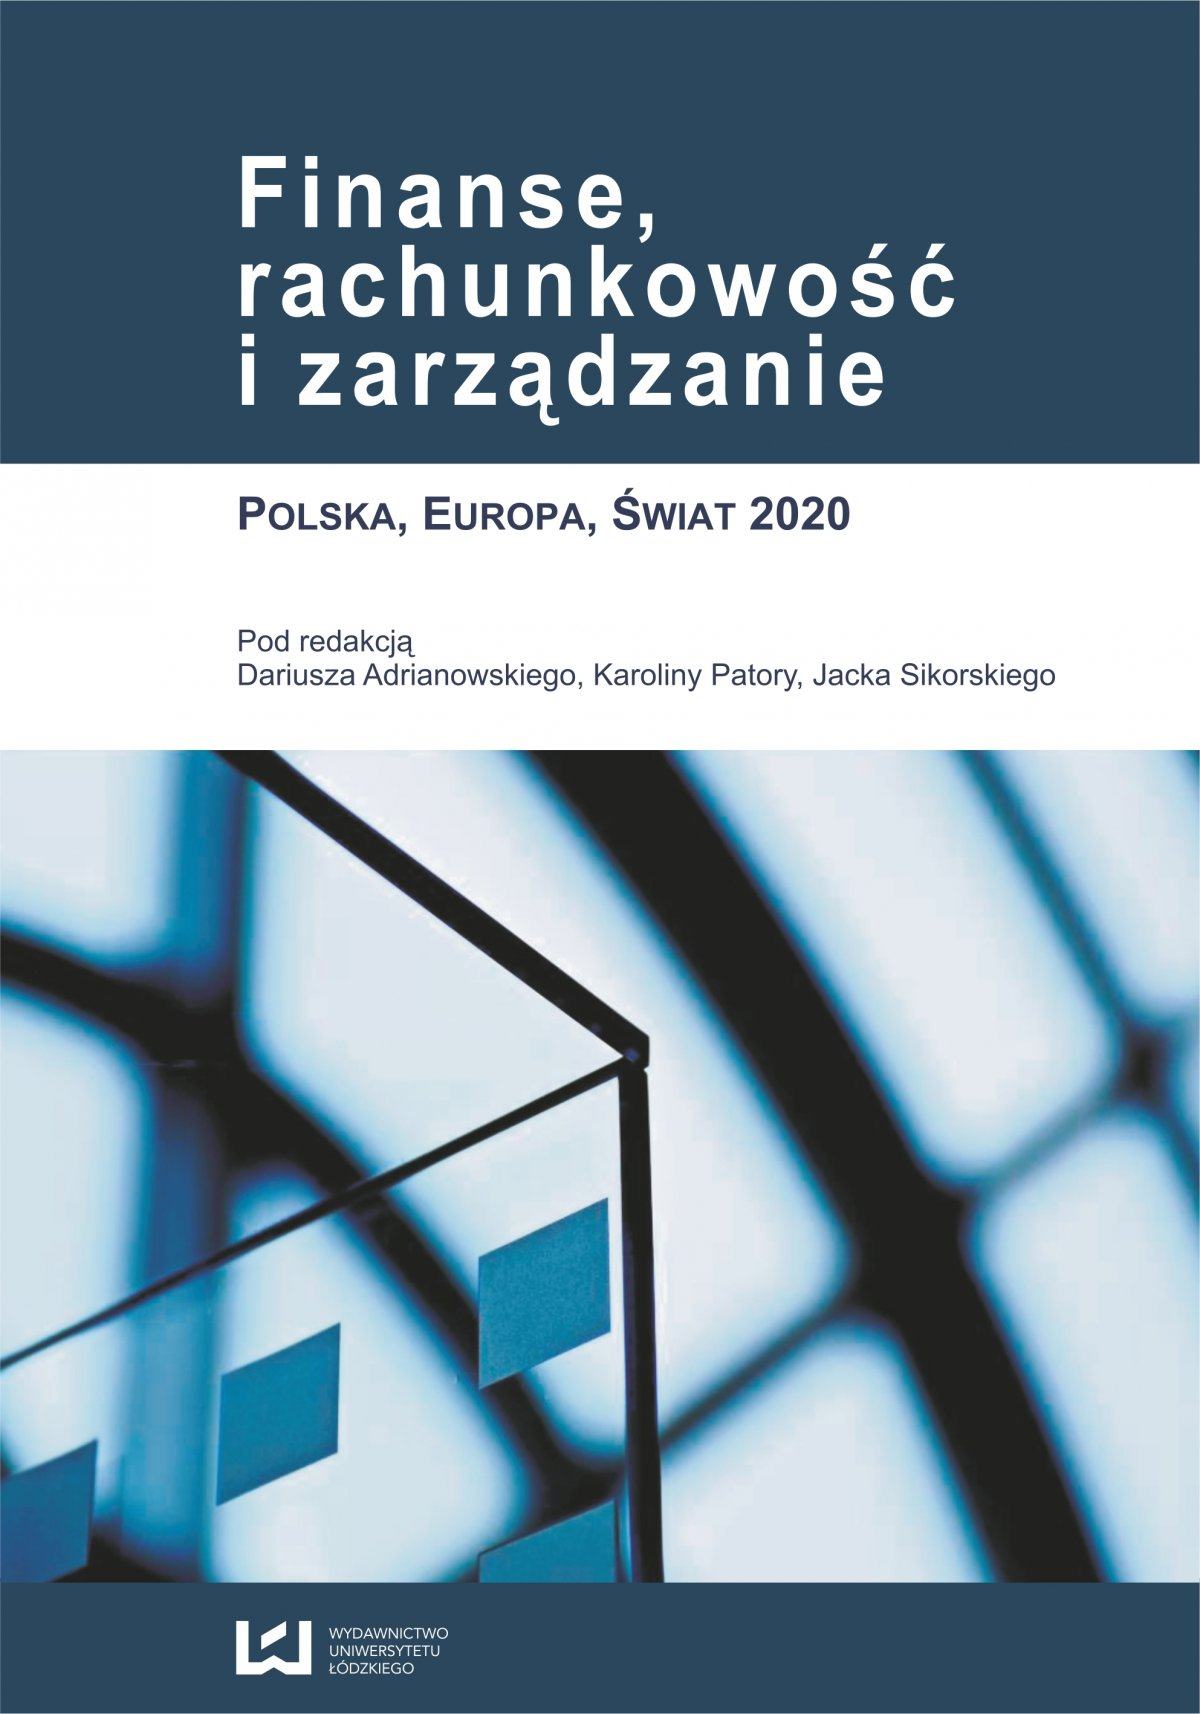 Finanse, rachunkowość i zarządzanie. Polska, Europa, Świat 2020 - Ebook (Książka PDF) do pobrania w formacie PDF